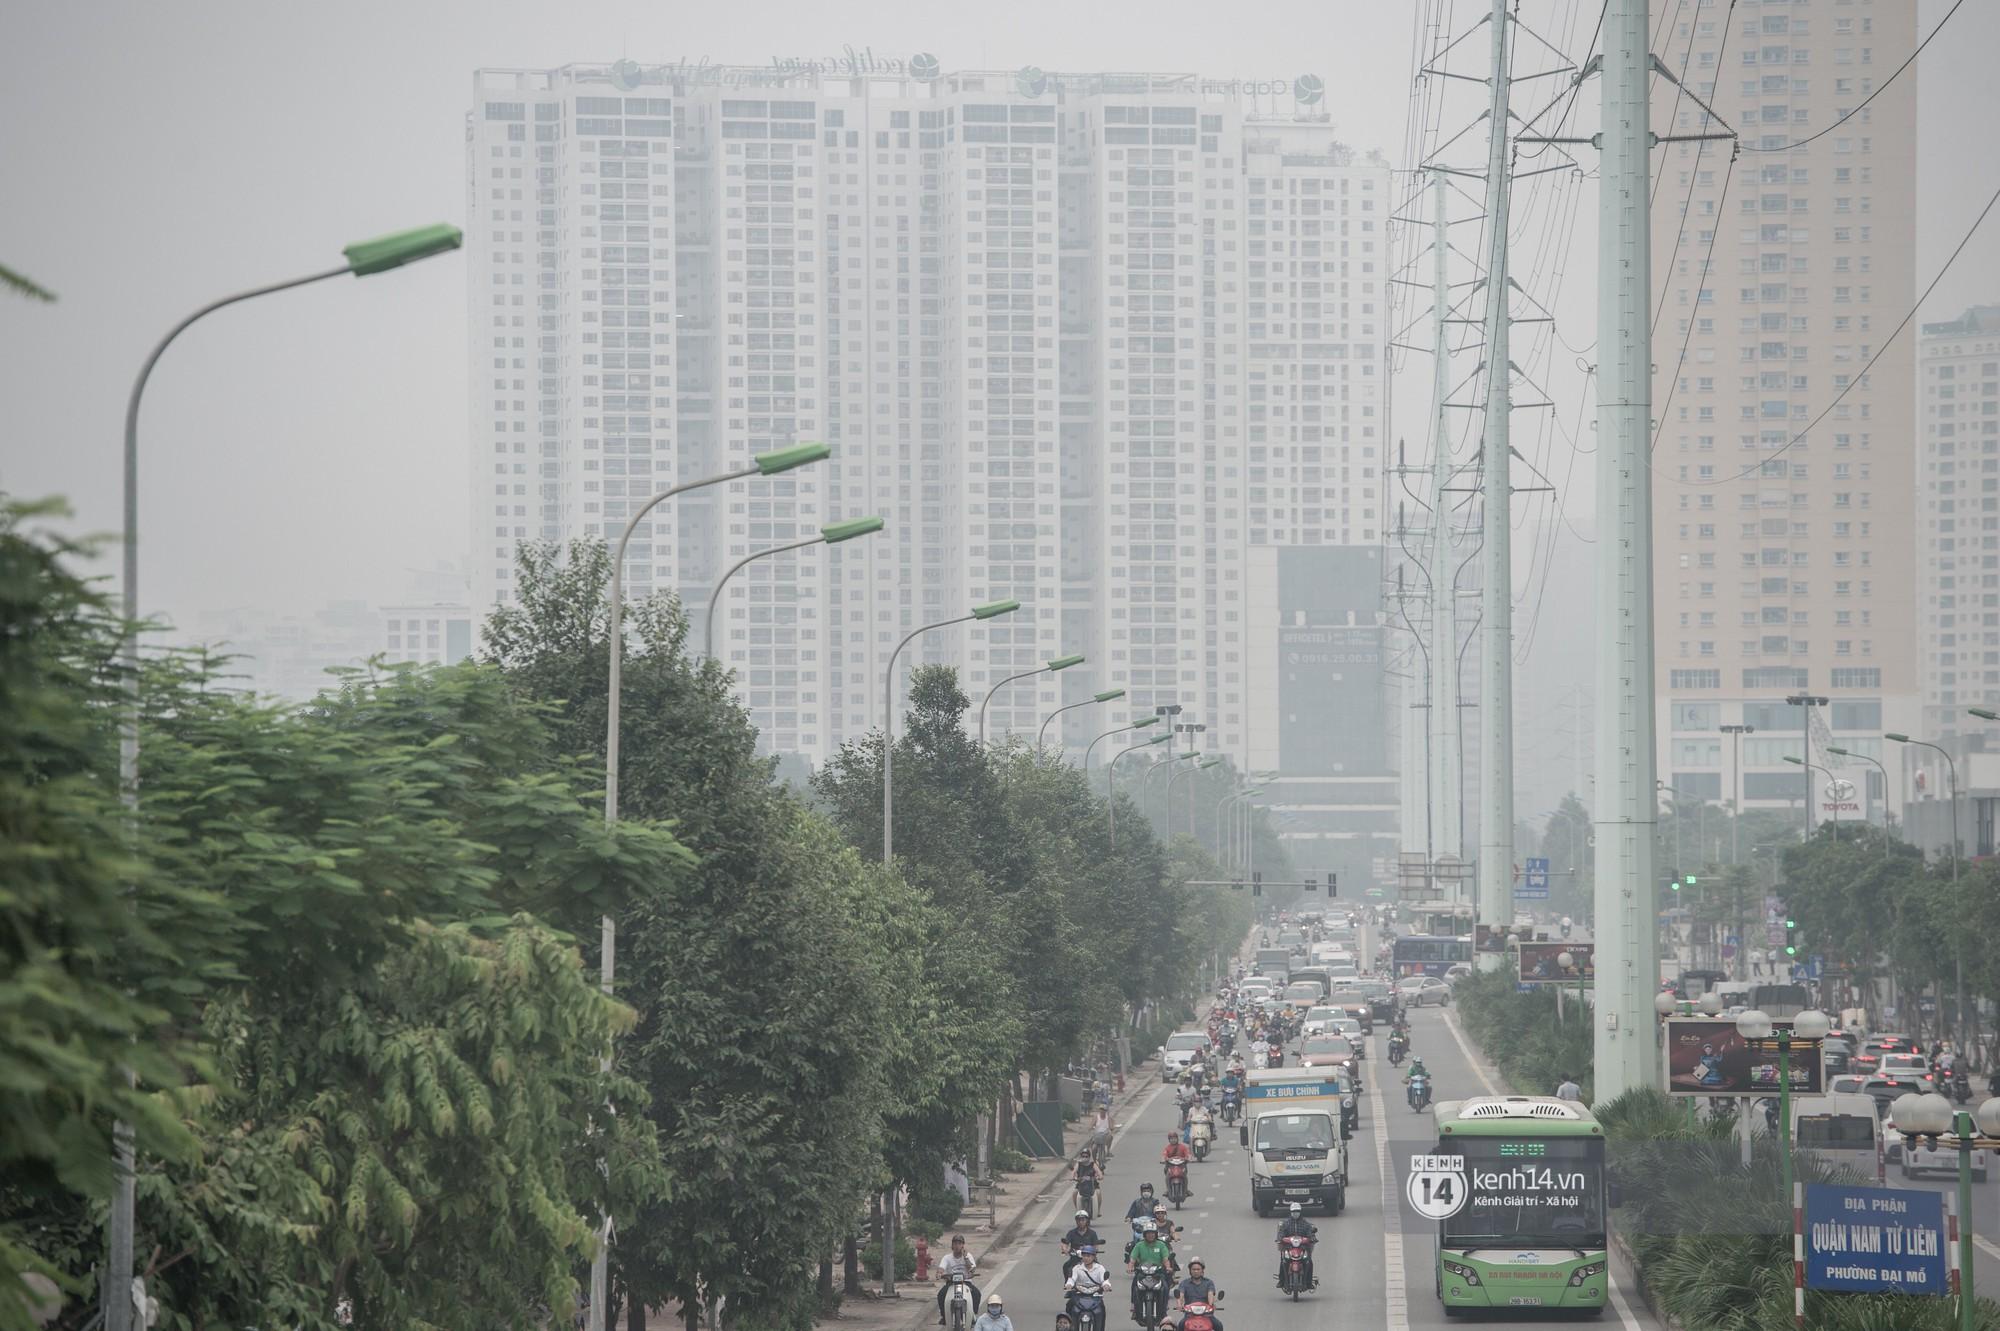 VZN News: Bác sĩ cảnh báo tình trạng ô nhiễm không khí ở Hà Nội: Chúng ta đang quá lạm dụng khái niệm khẩu trang y tế - Ảnh 1.